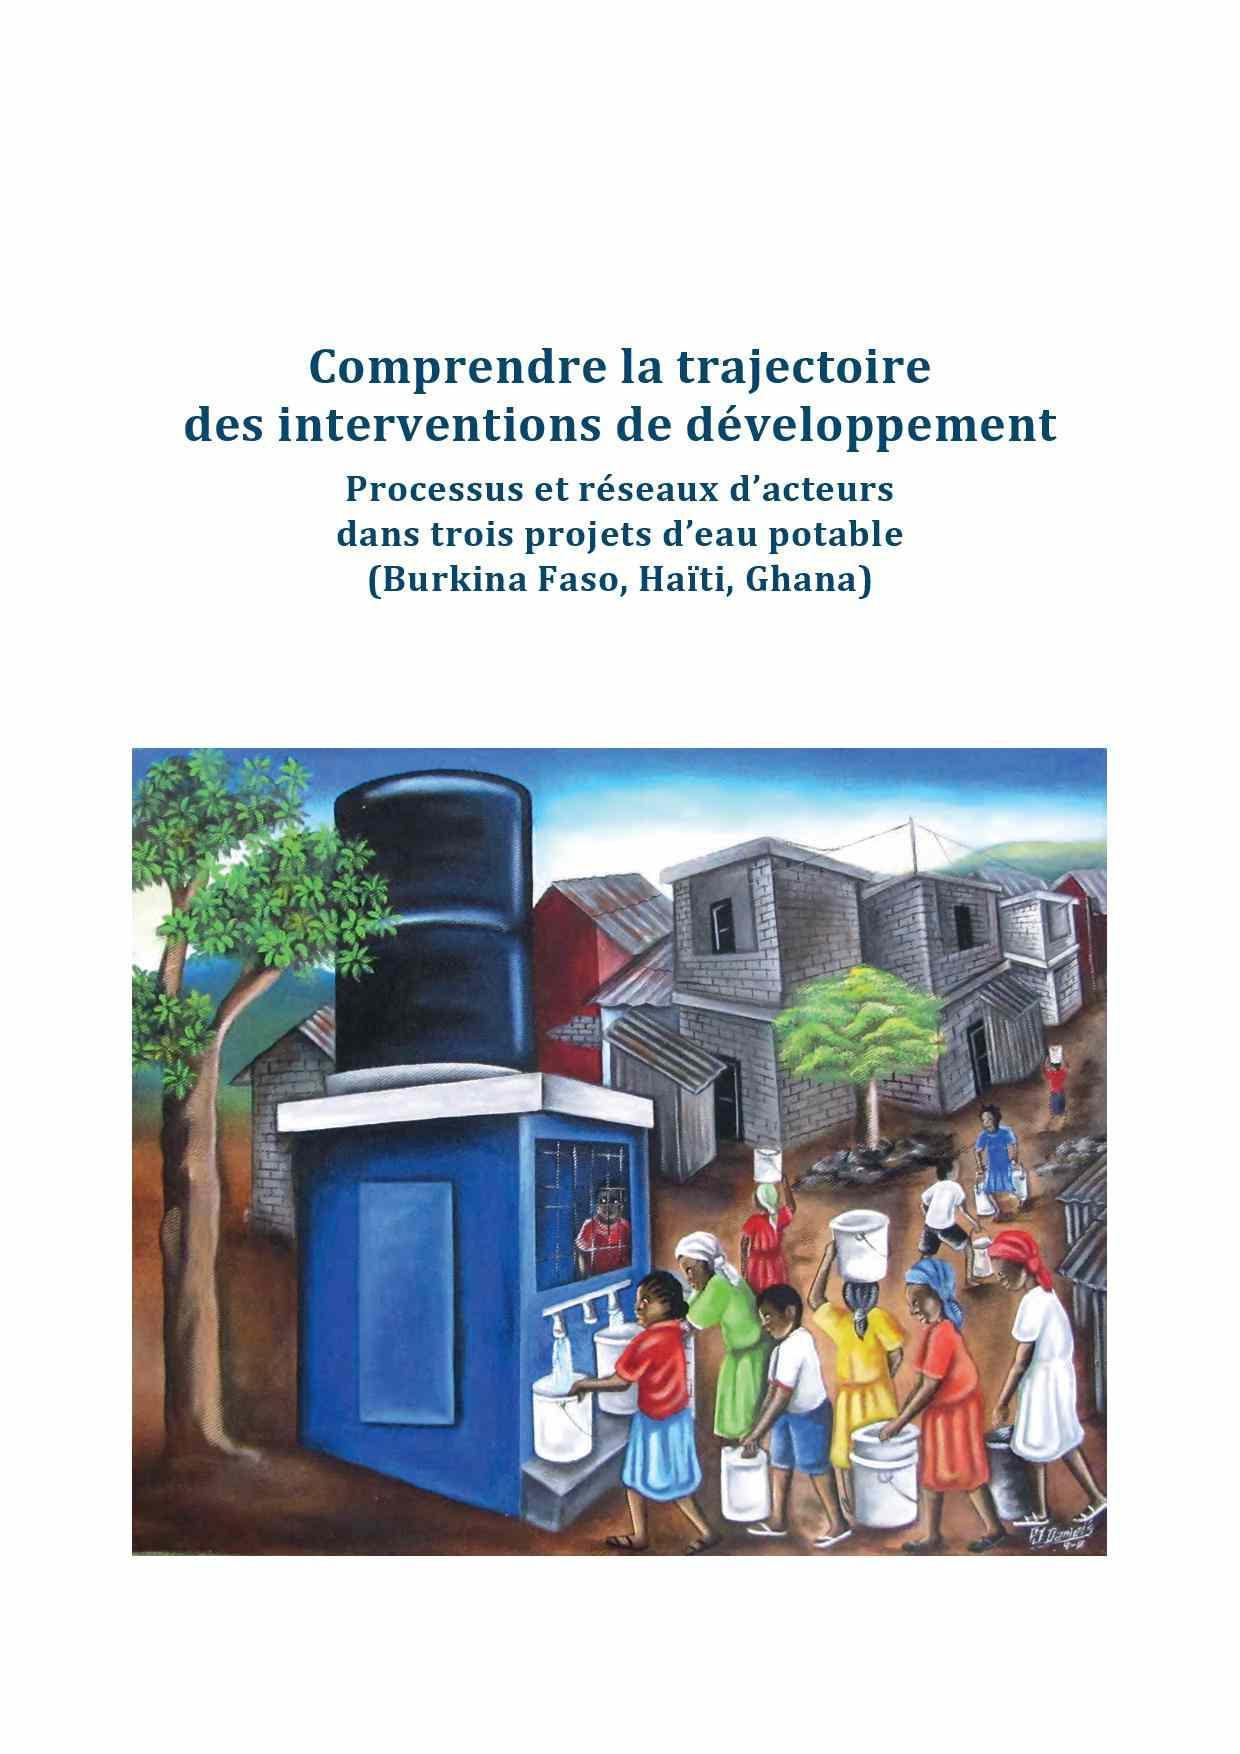 Jacob et Lavigne Delville_trajectoire-interventions-developpement2